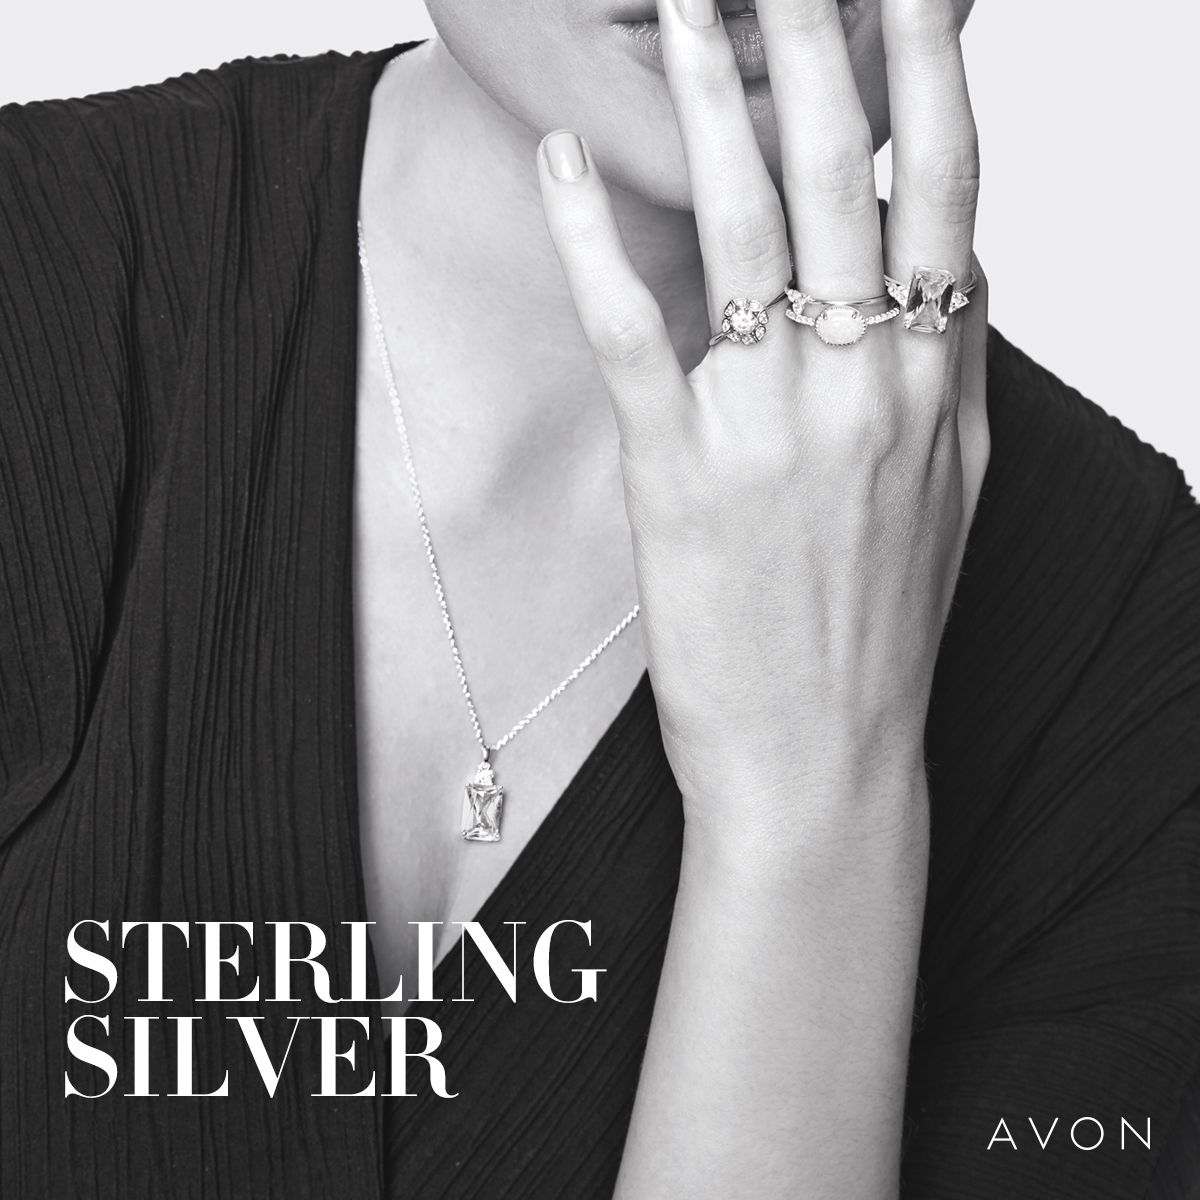 #avonsterlingsilver #jewelry #avonaccessories #avonrep #avonrosalinapiw